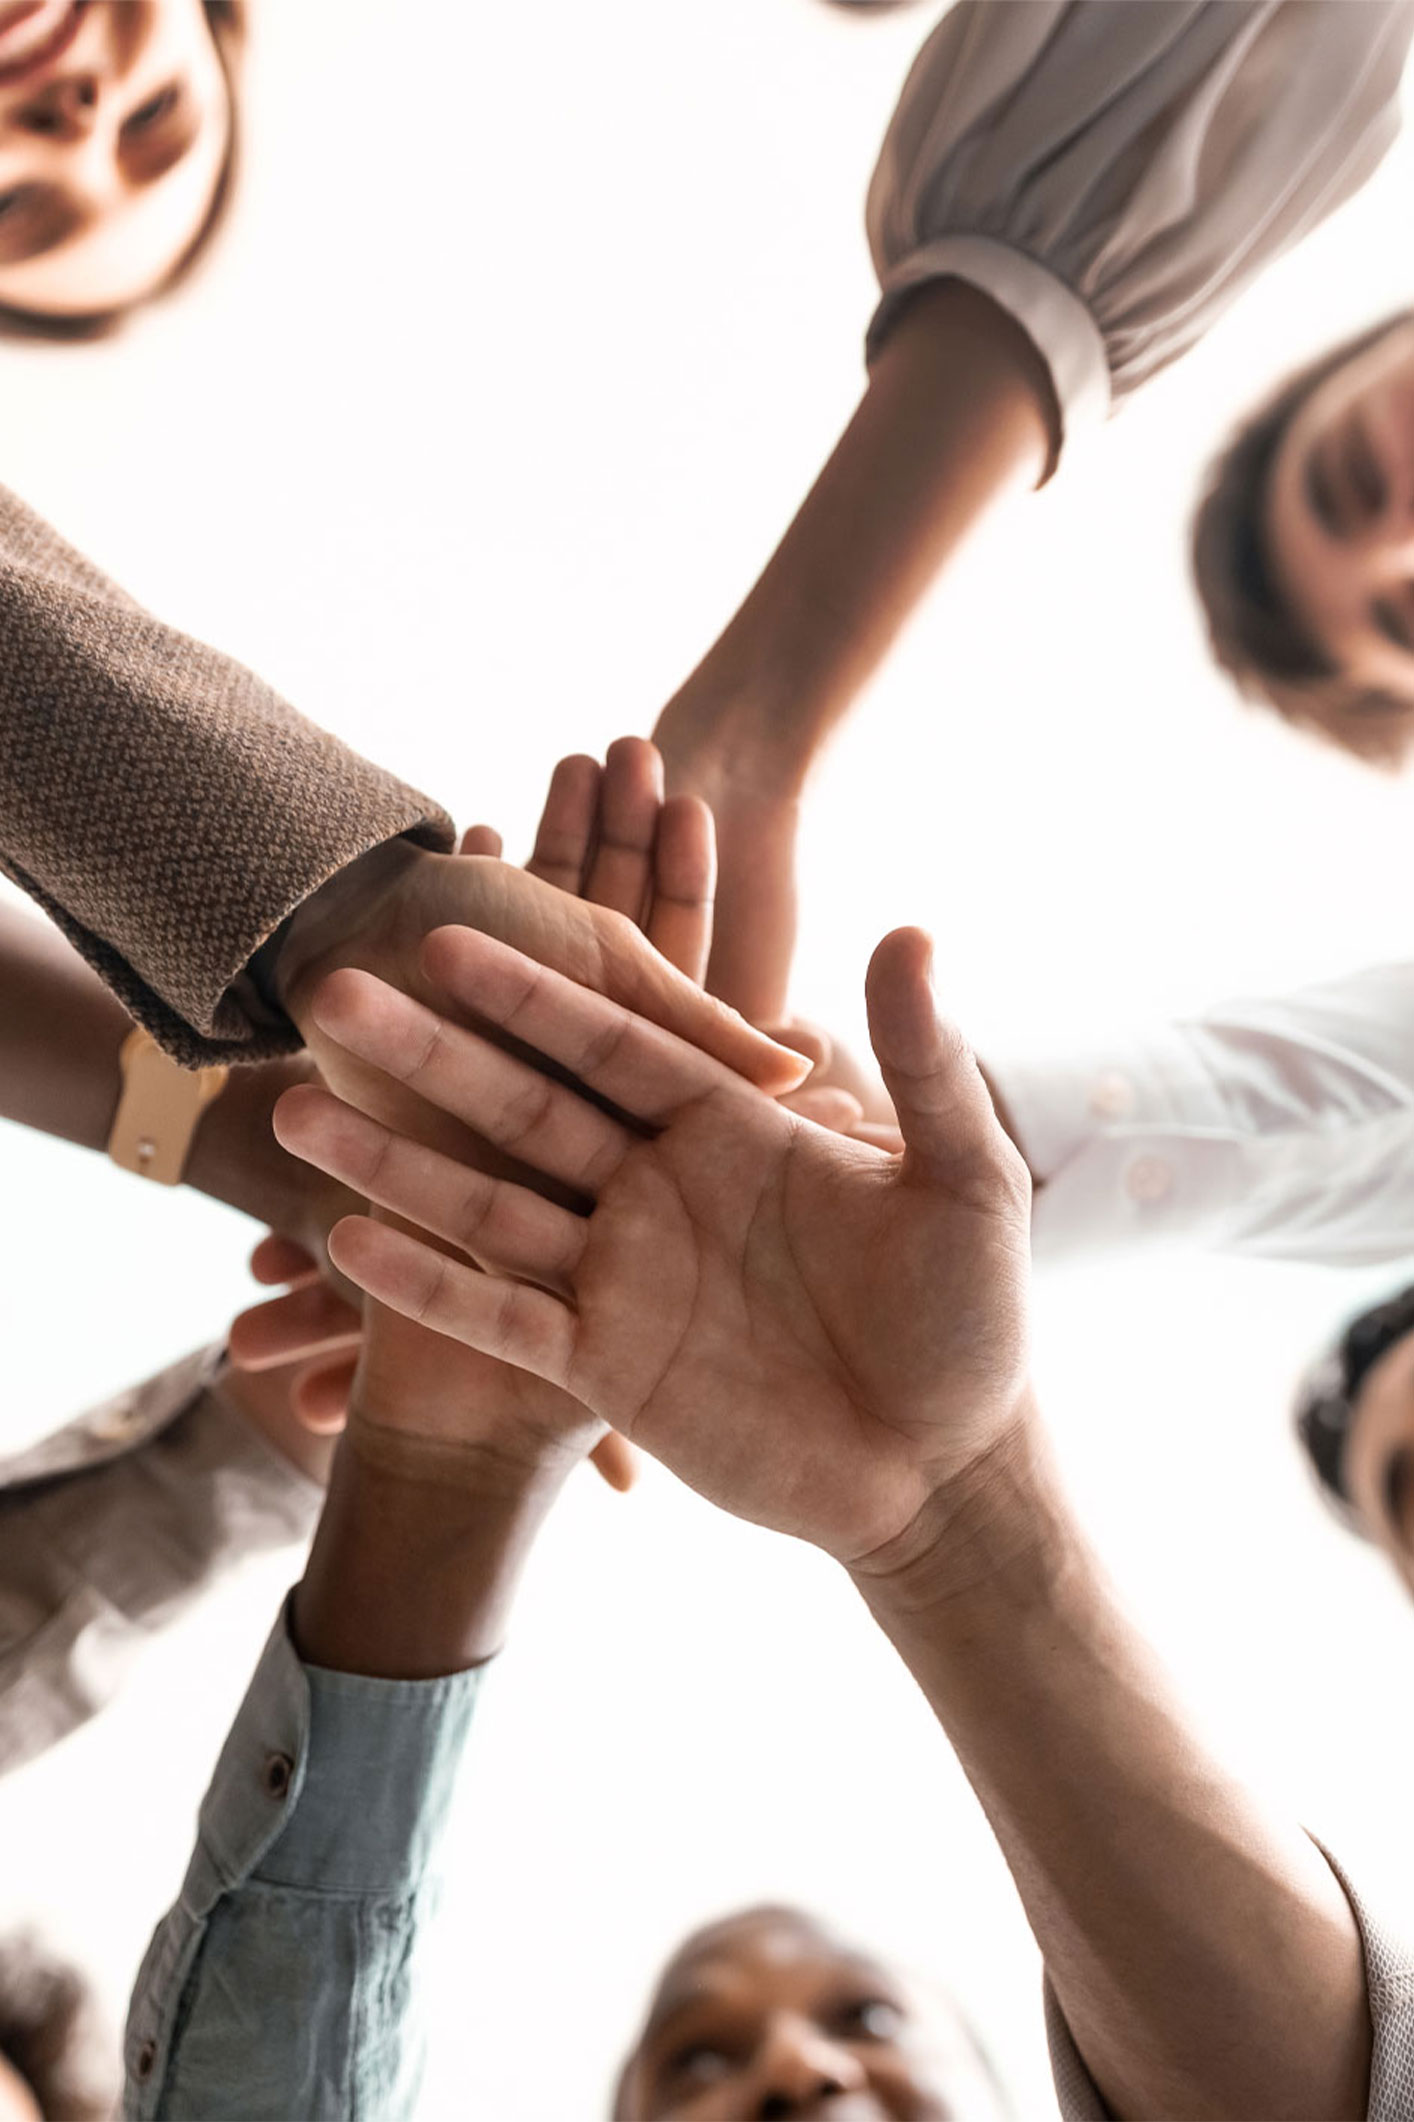 mains l'une sur les autres représentant la communauté d'entrepreneurs